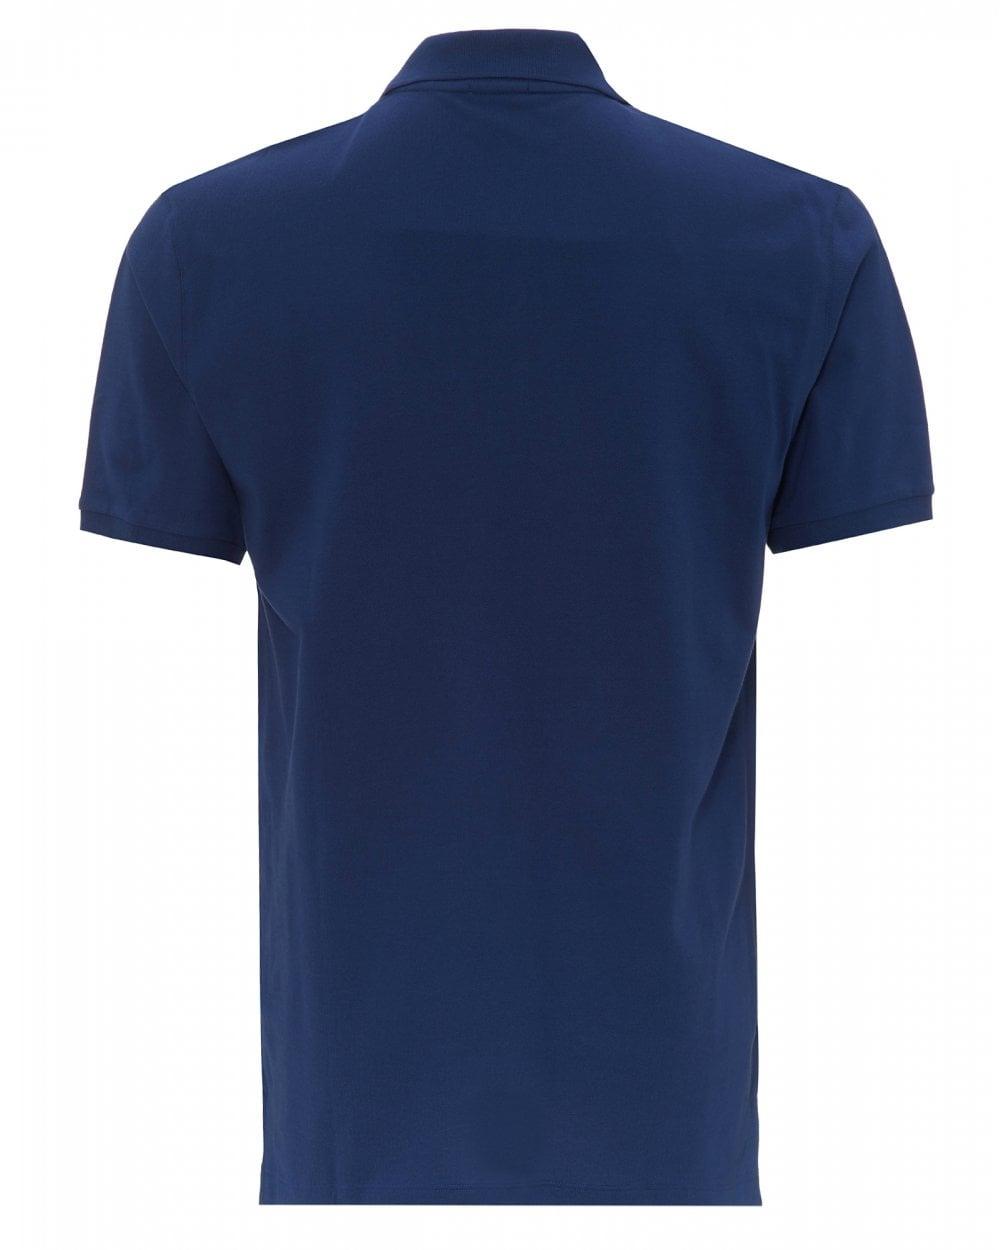 50bcc2c71 BOSS Mens Pearl Pallas Polo Shirt, Fine Pique Polo